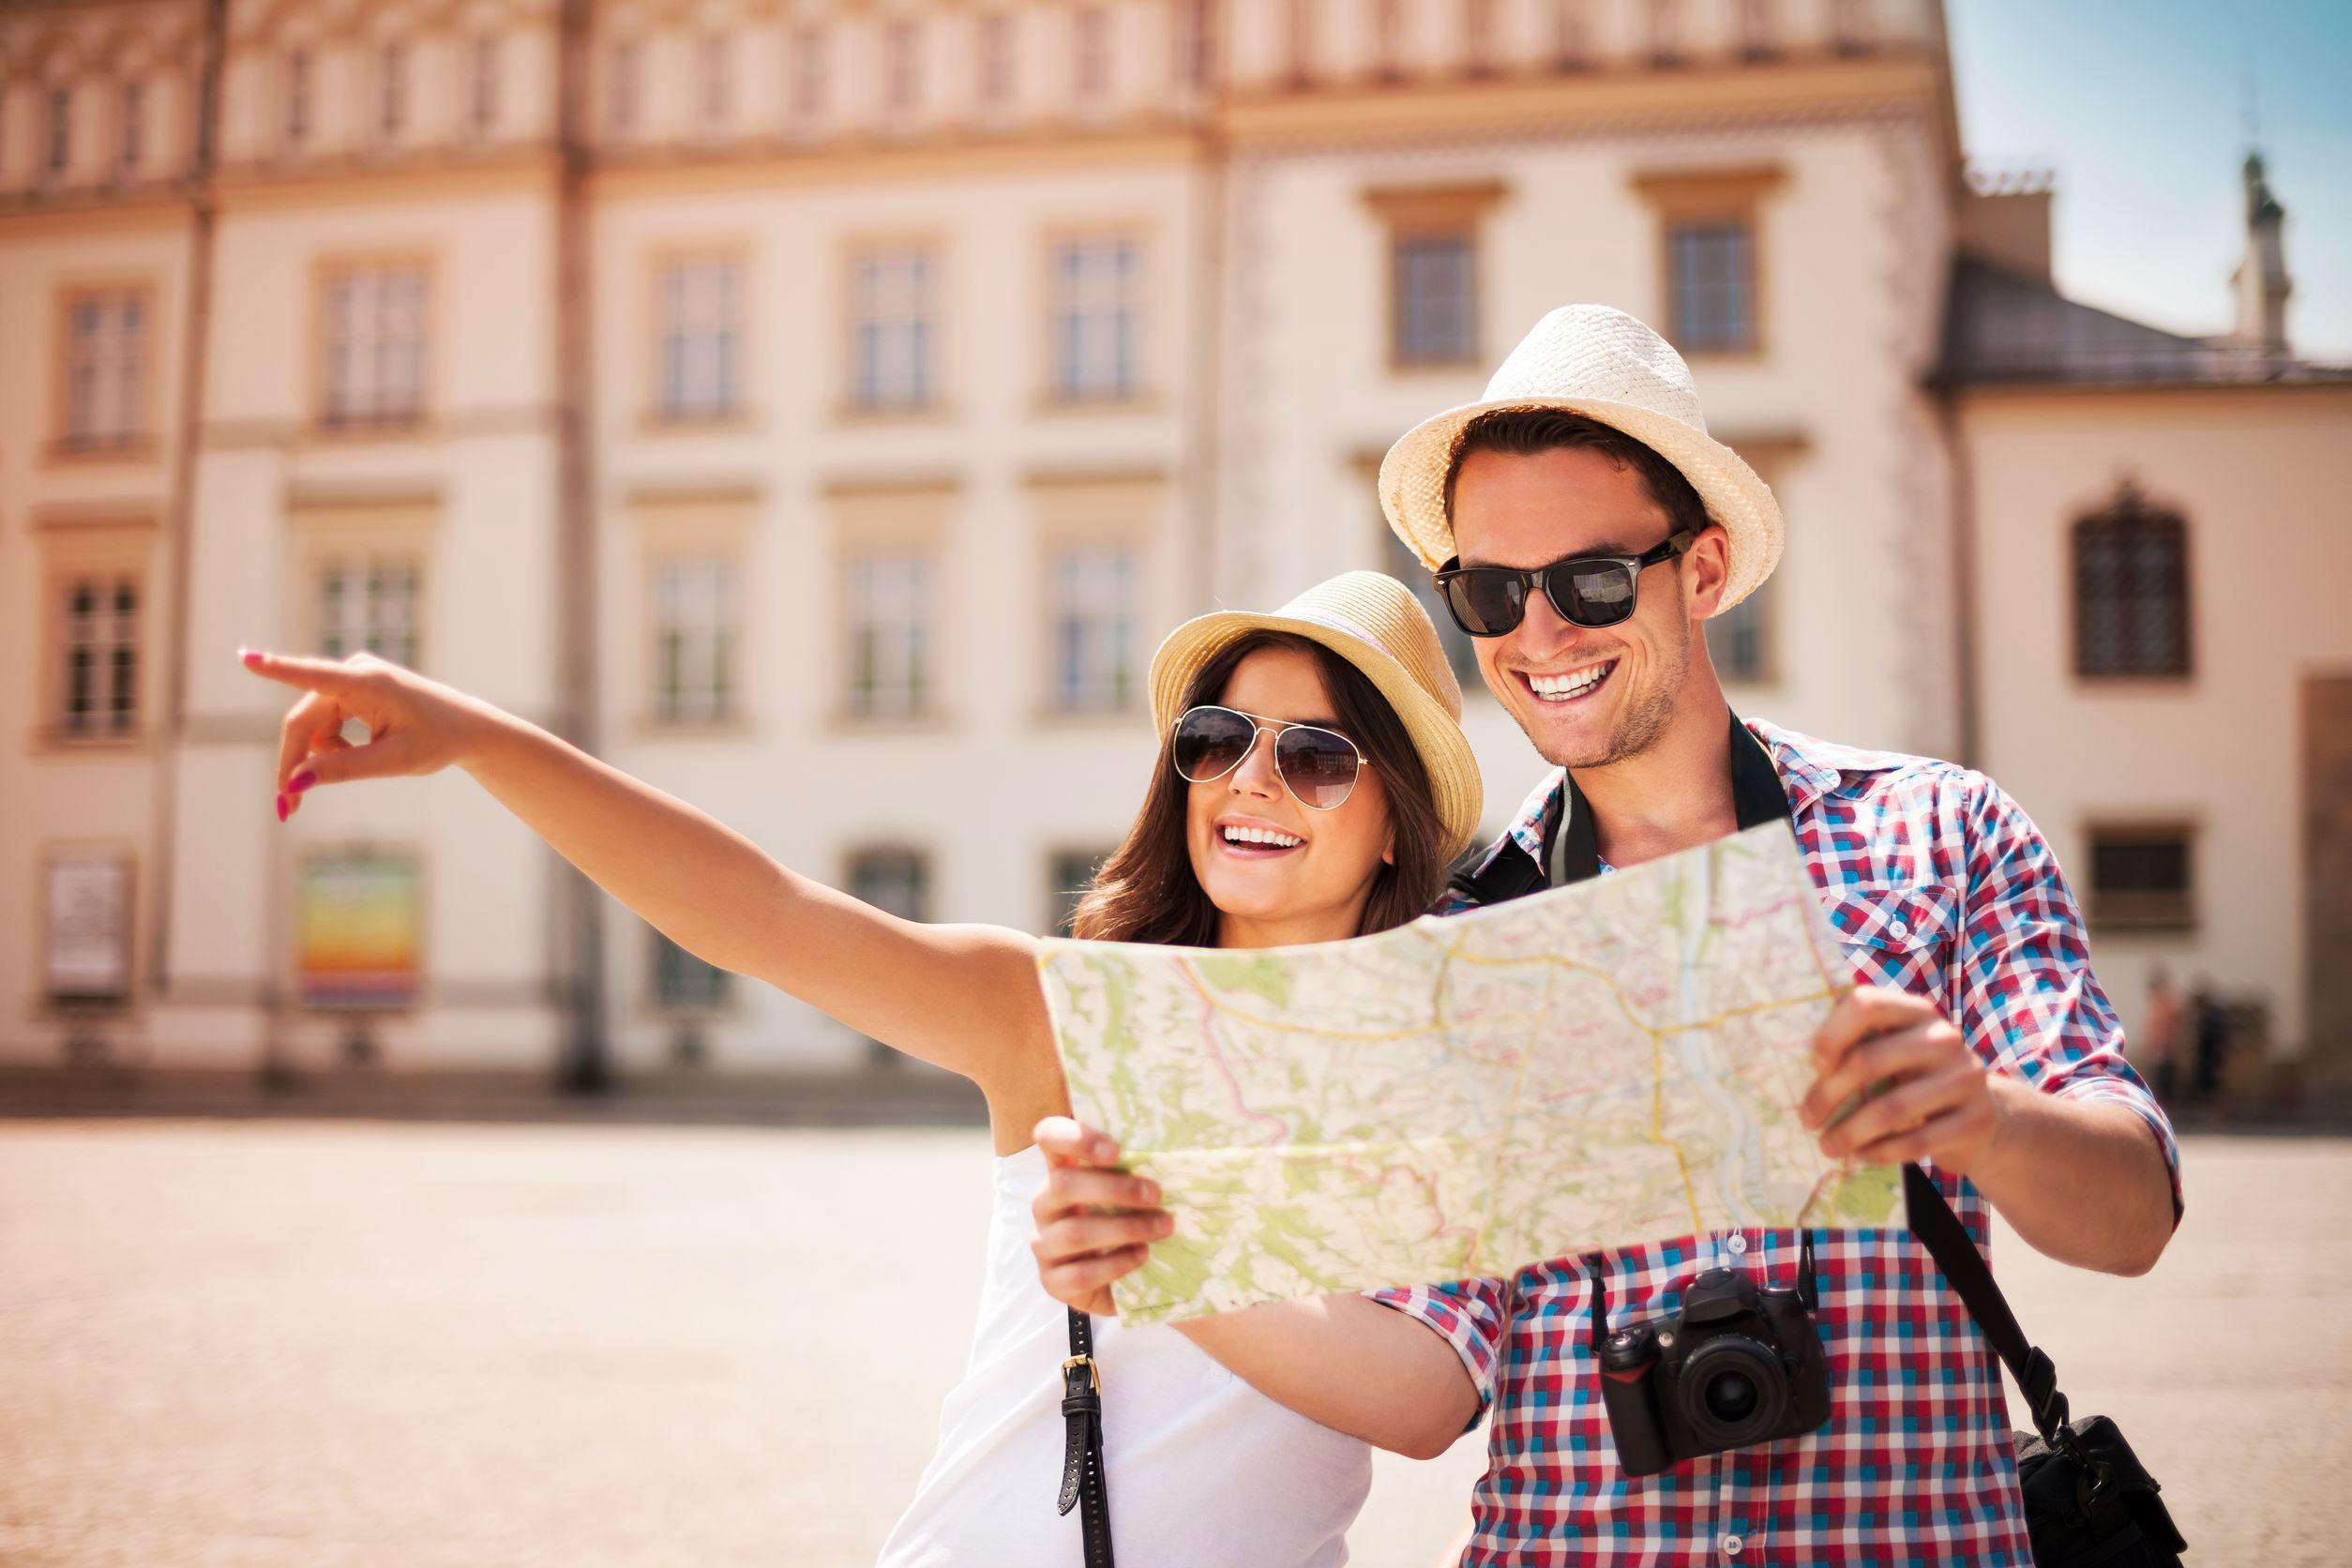 Снижение туристического спроса во время Семаны Санты озадачило сектор